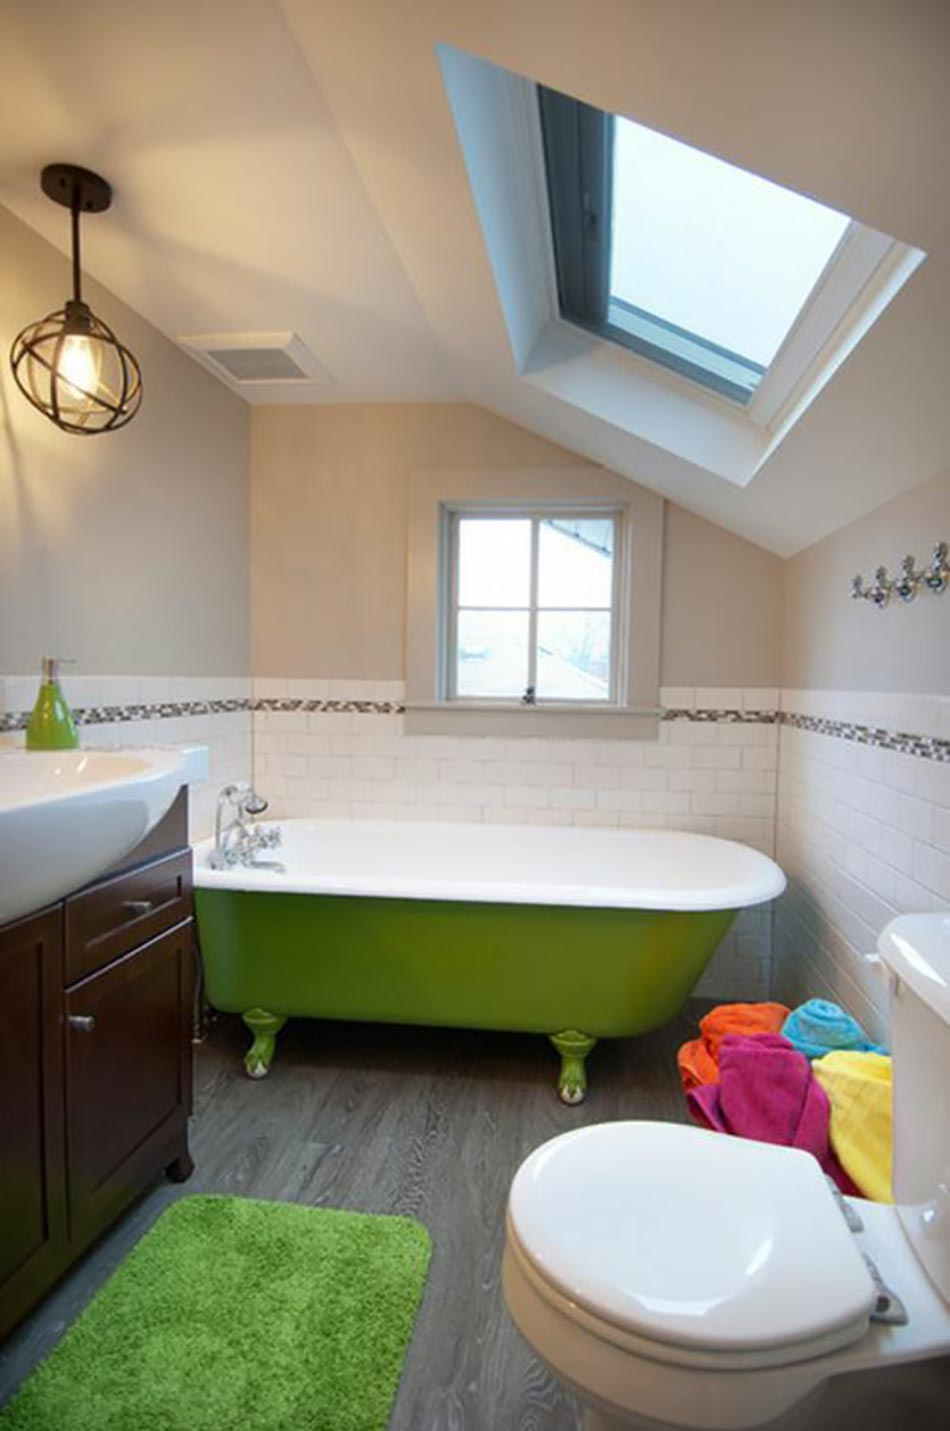 Salle de bain verte et beige photo salle de bain vert et for Salle de bain verte et beige